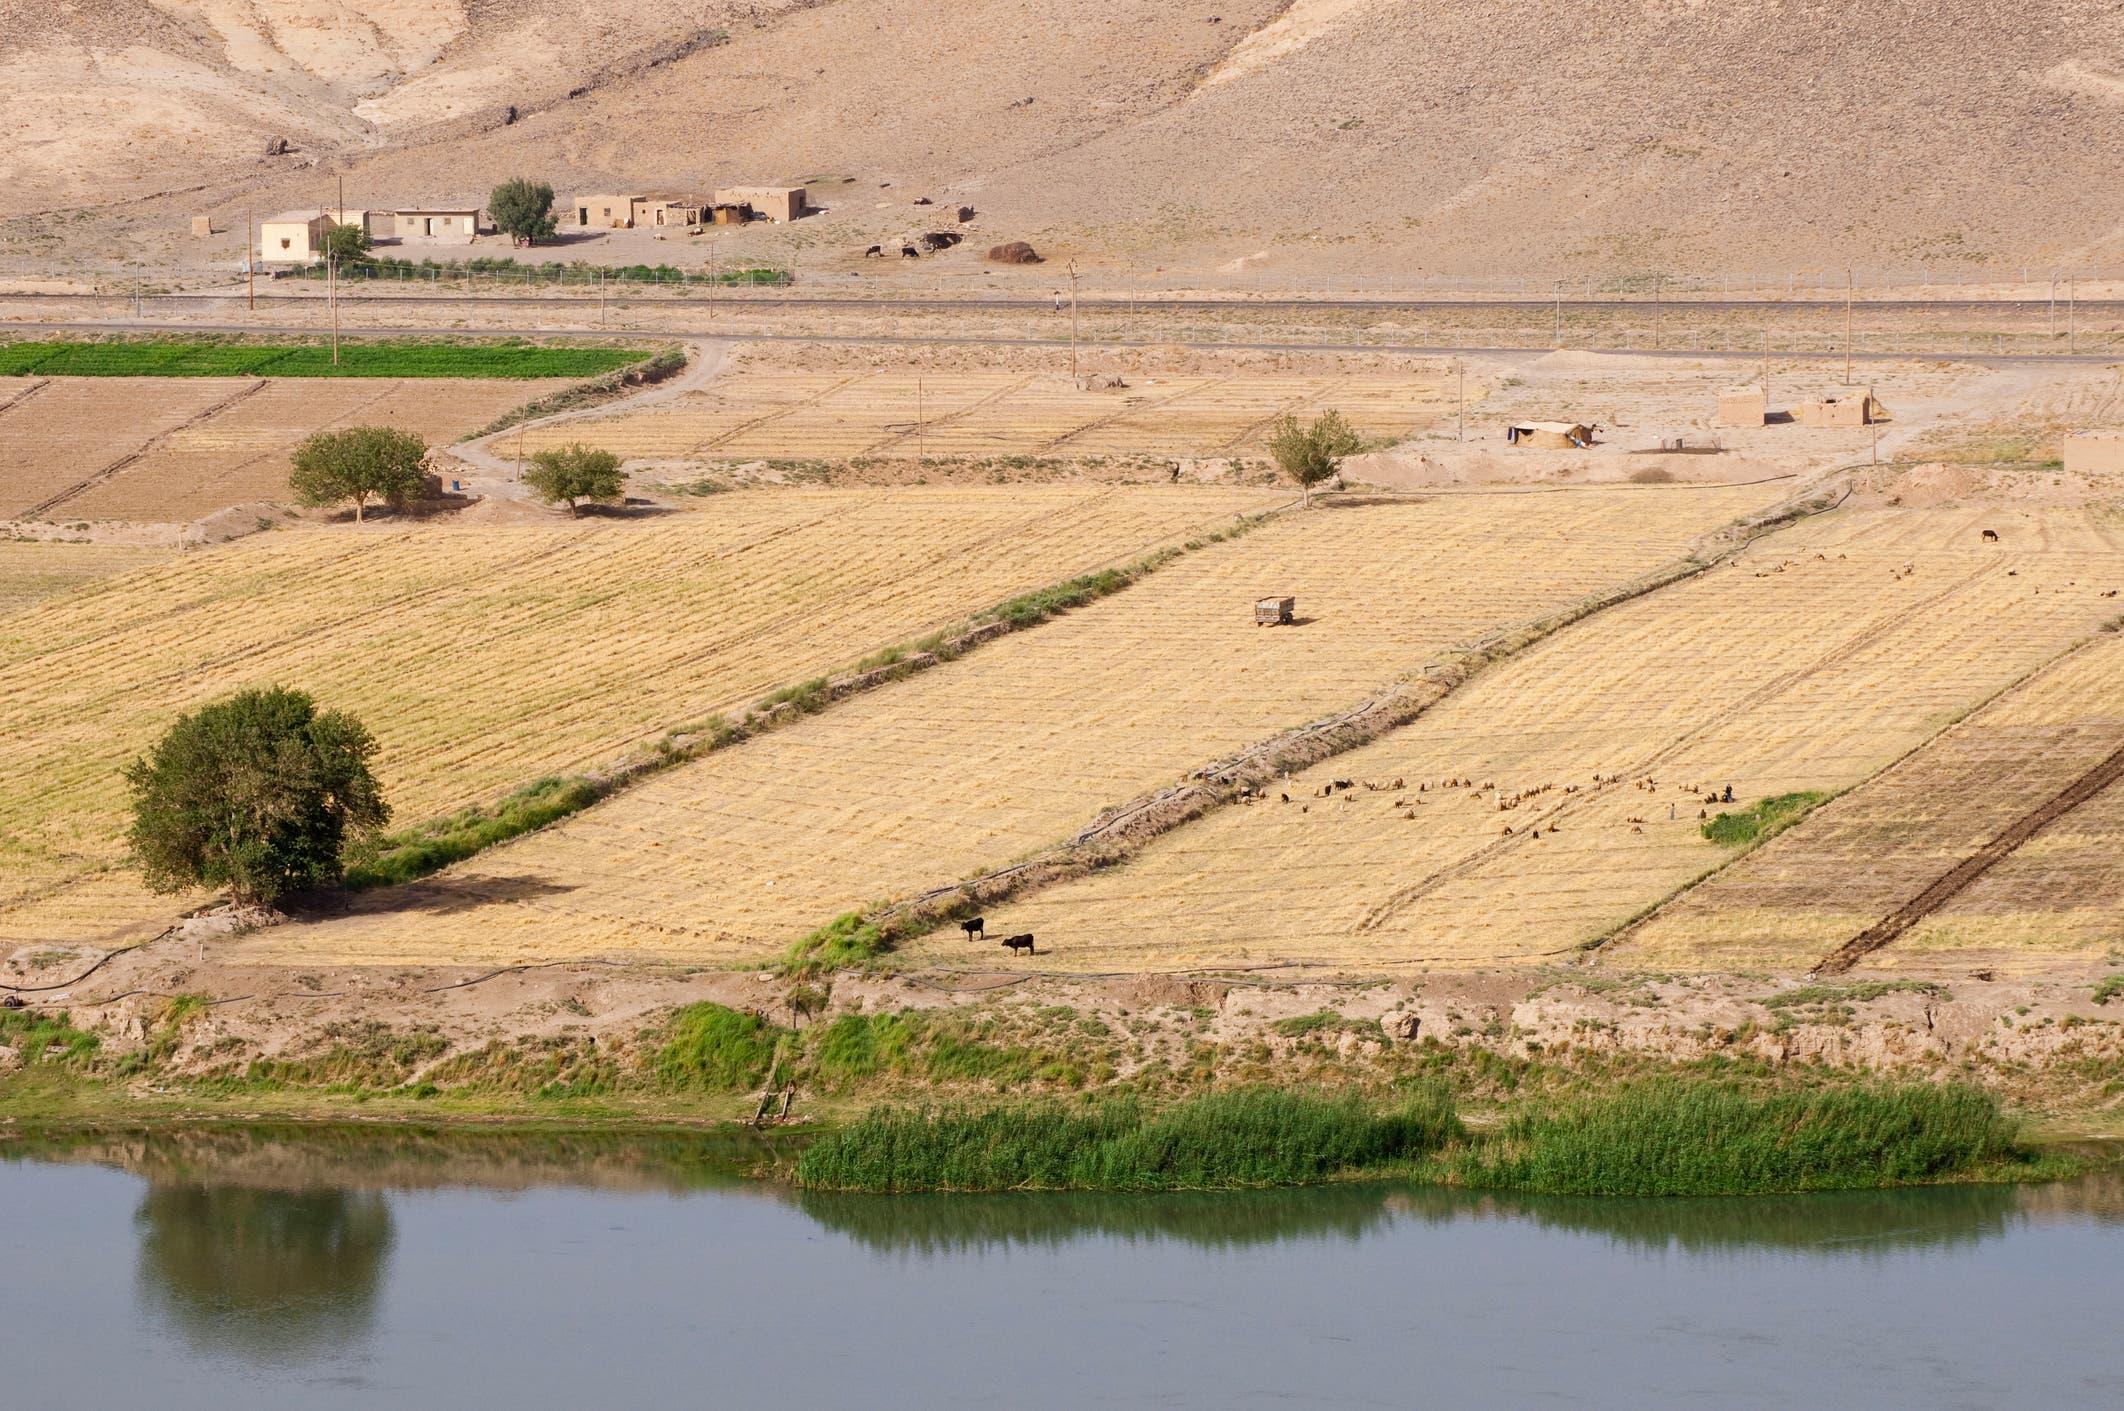 نهر الفرات من الناحية السورية (istock)